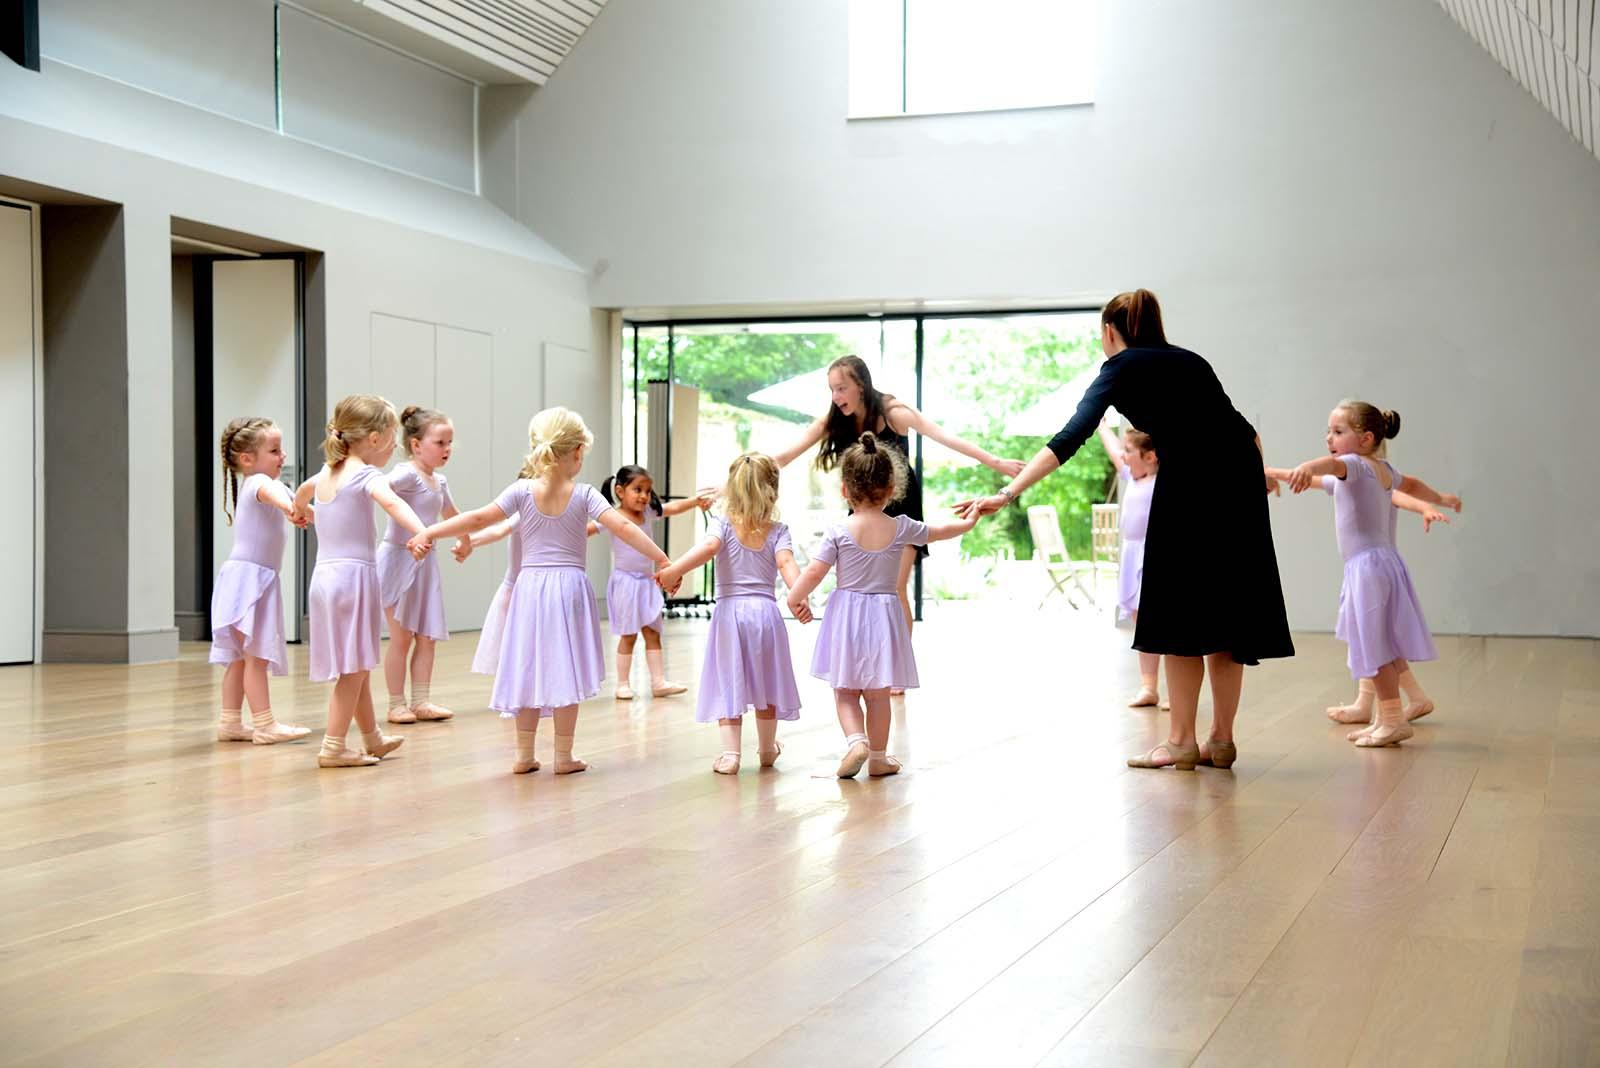 children at a ballet class